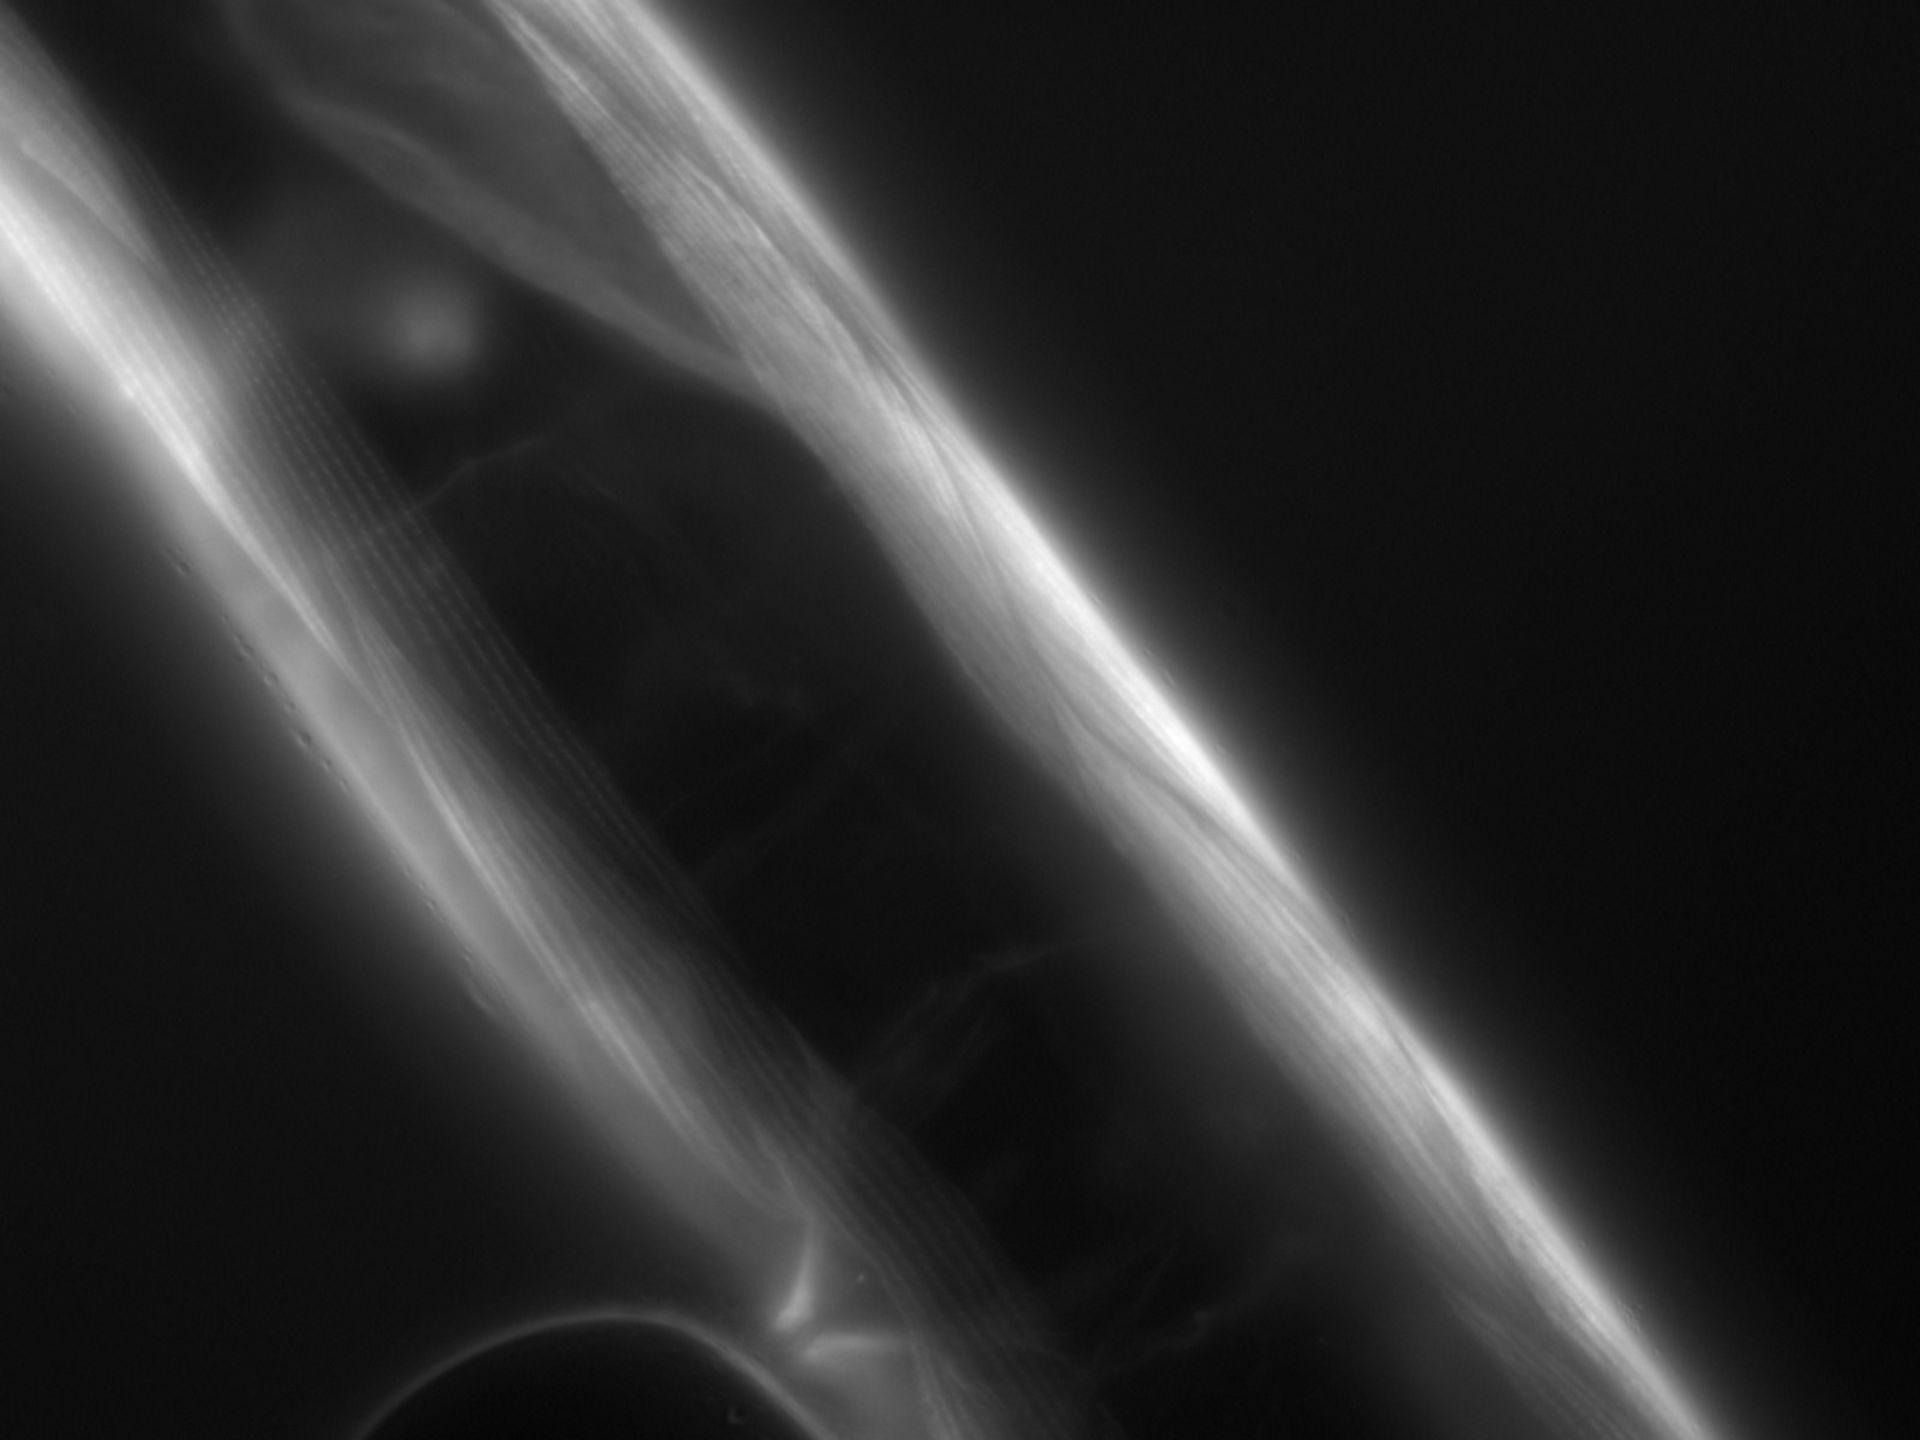 Caenorhabditis elegans (Actin filament) - CIL:1072